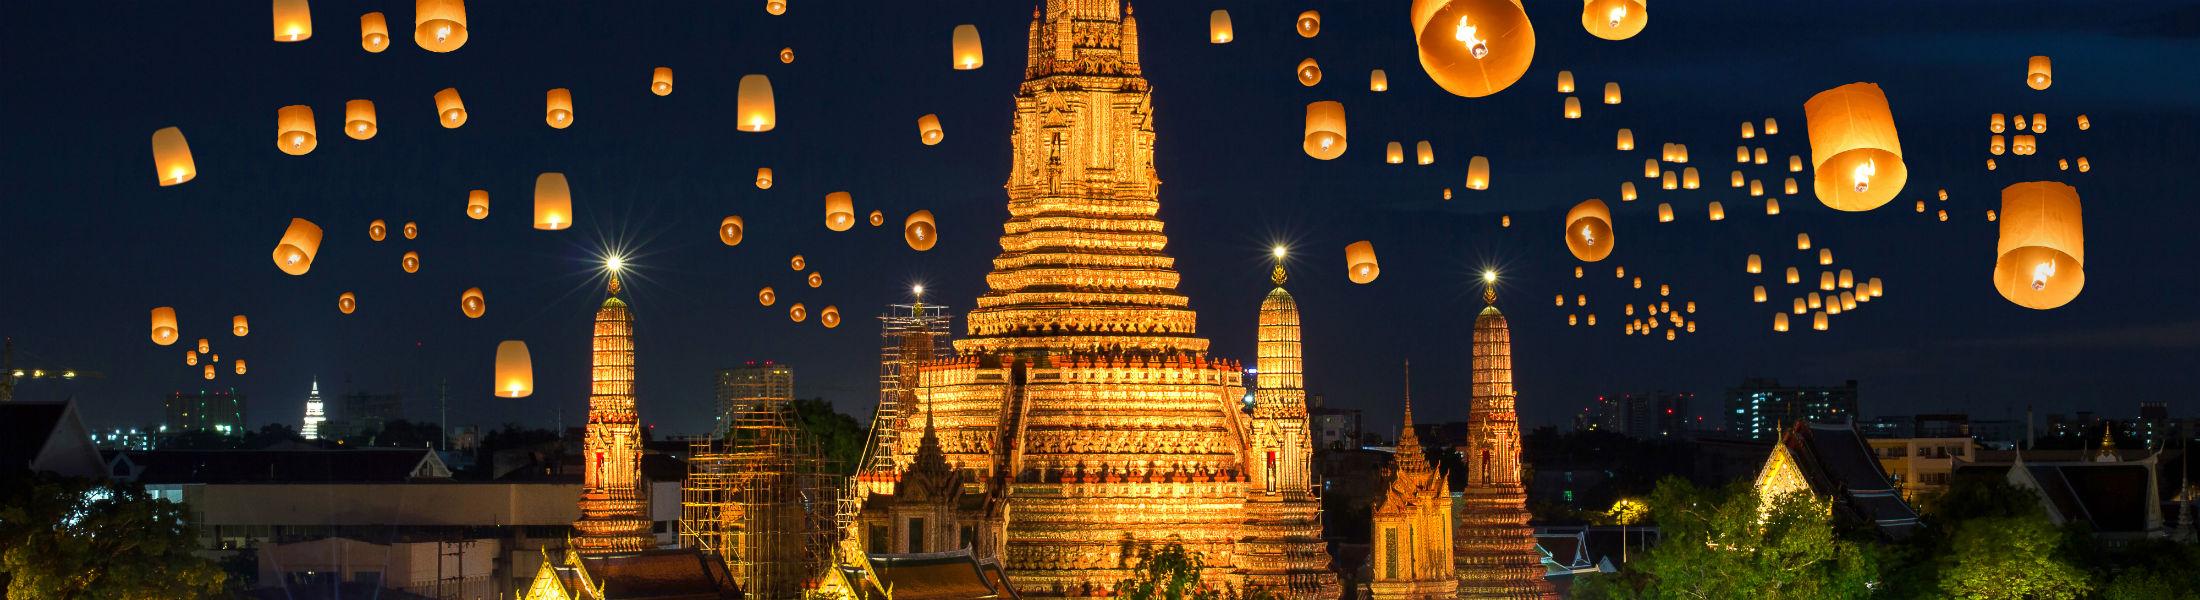 Floating lamp in yee peng festival